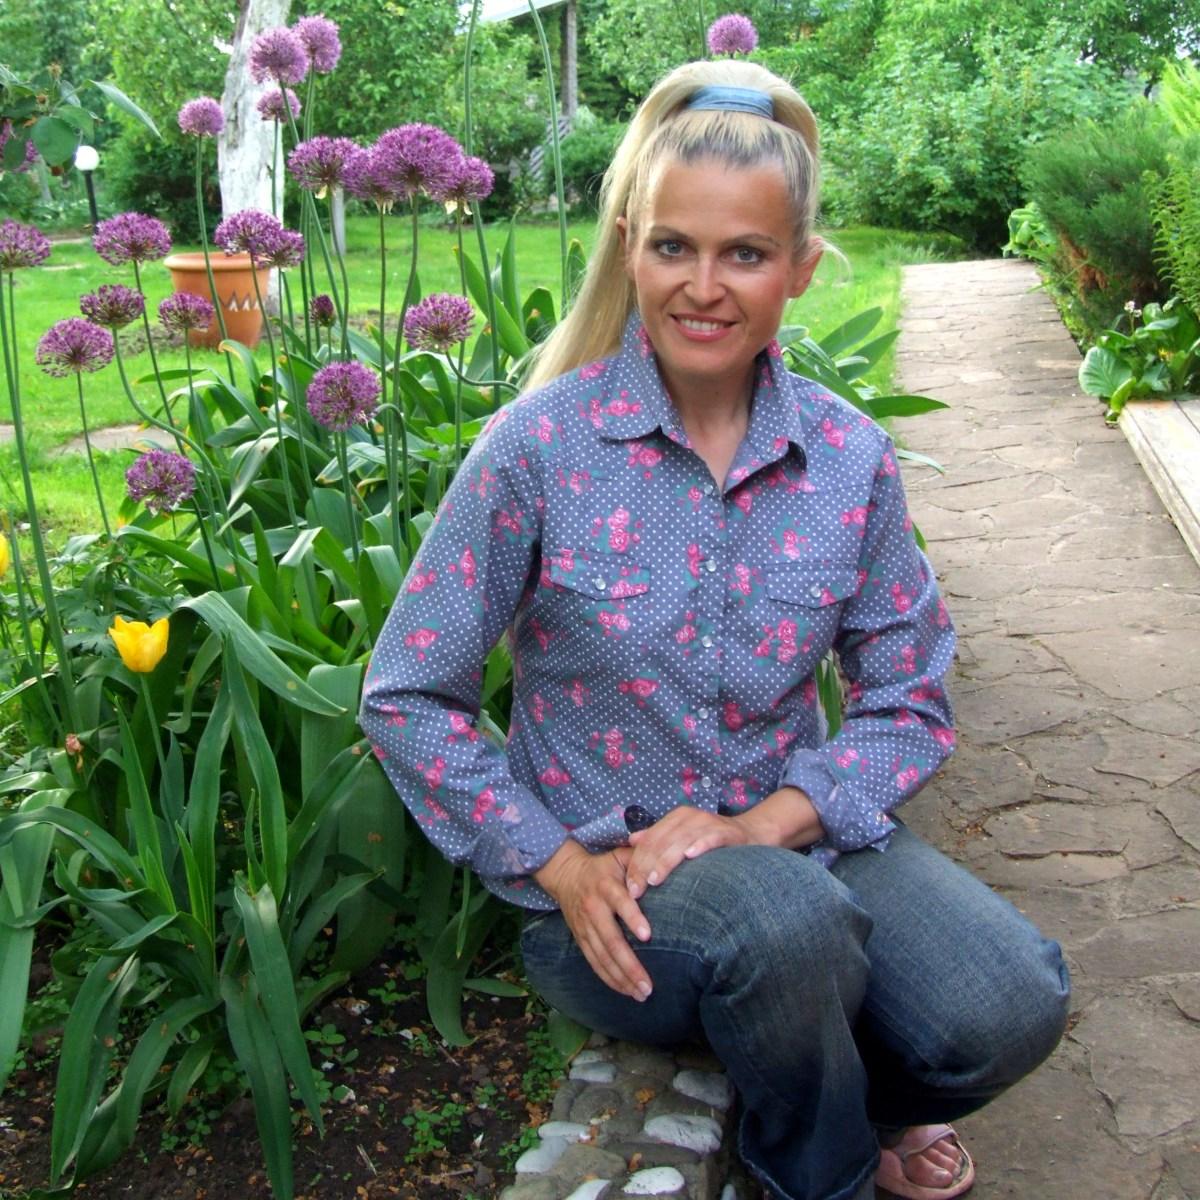 Автор курса - Ольга Воронова, ландшафтный дизайнер, автор книг по садоводству, телеведущая и преподаватель Международной школы дизайна.